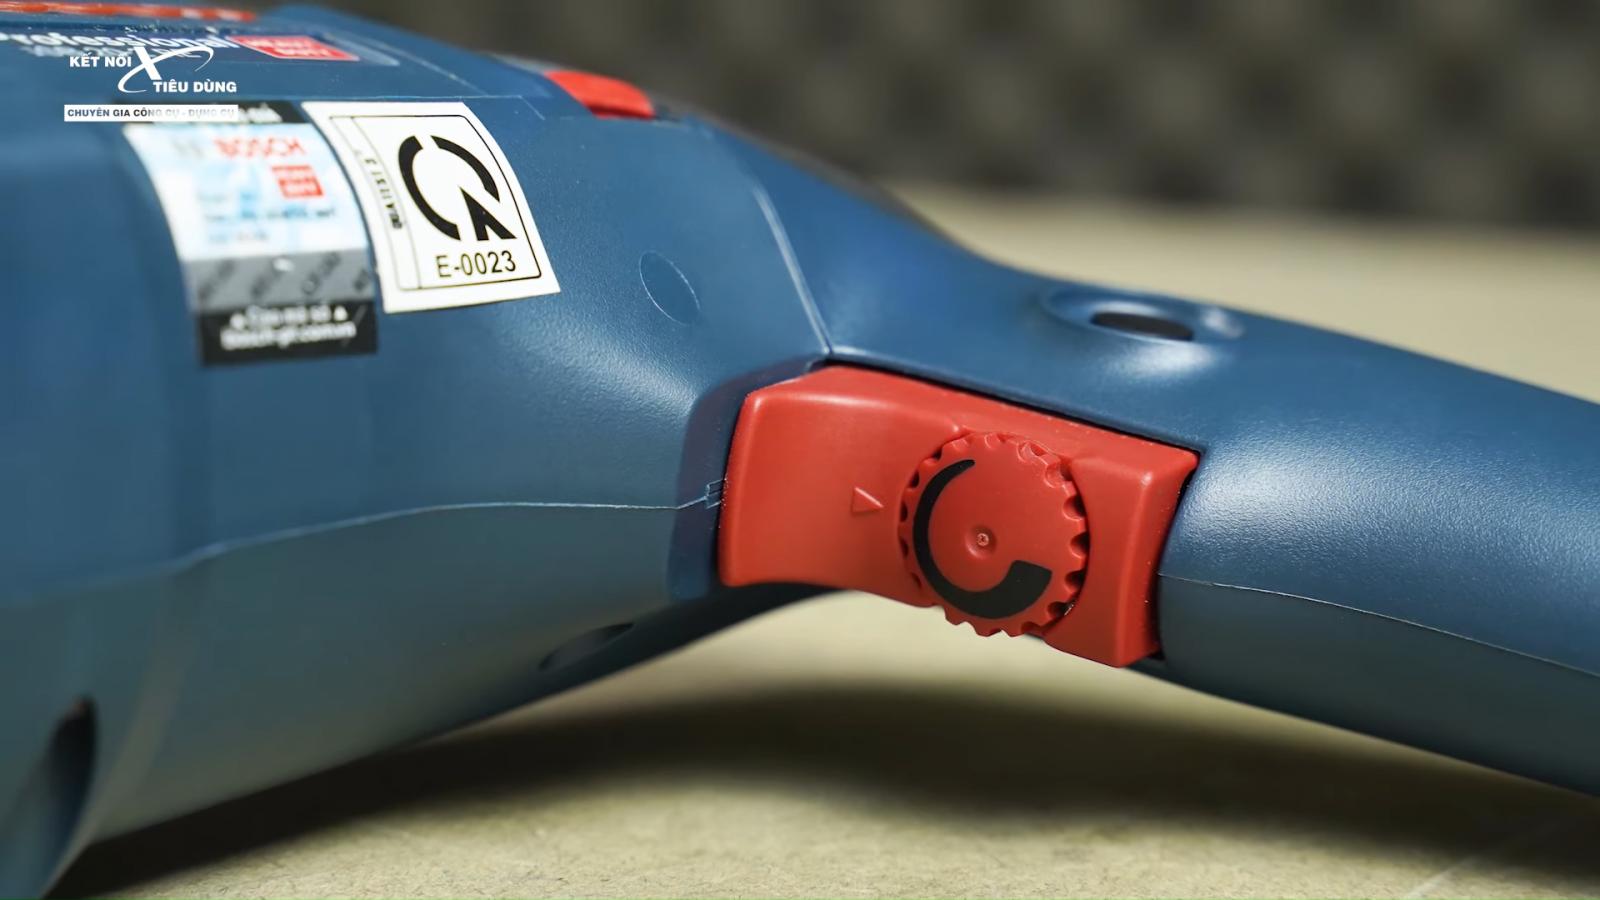 Review máy khoan động lực Bosch GSB 20-2RE: 800W, có búa, hộp số 2 cấp, đi công trinh ngon - đặc điểm nổi bật của máy khoan